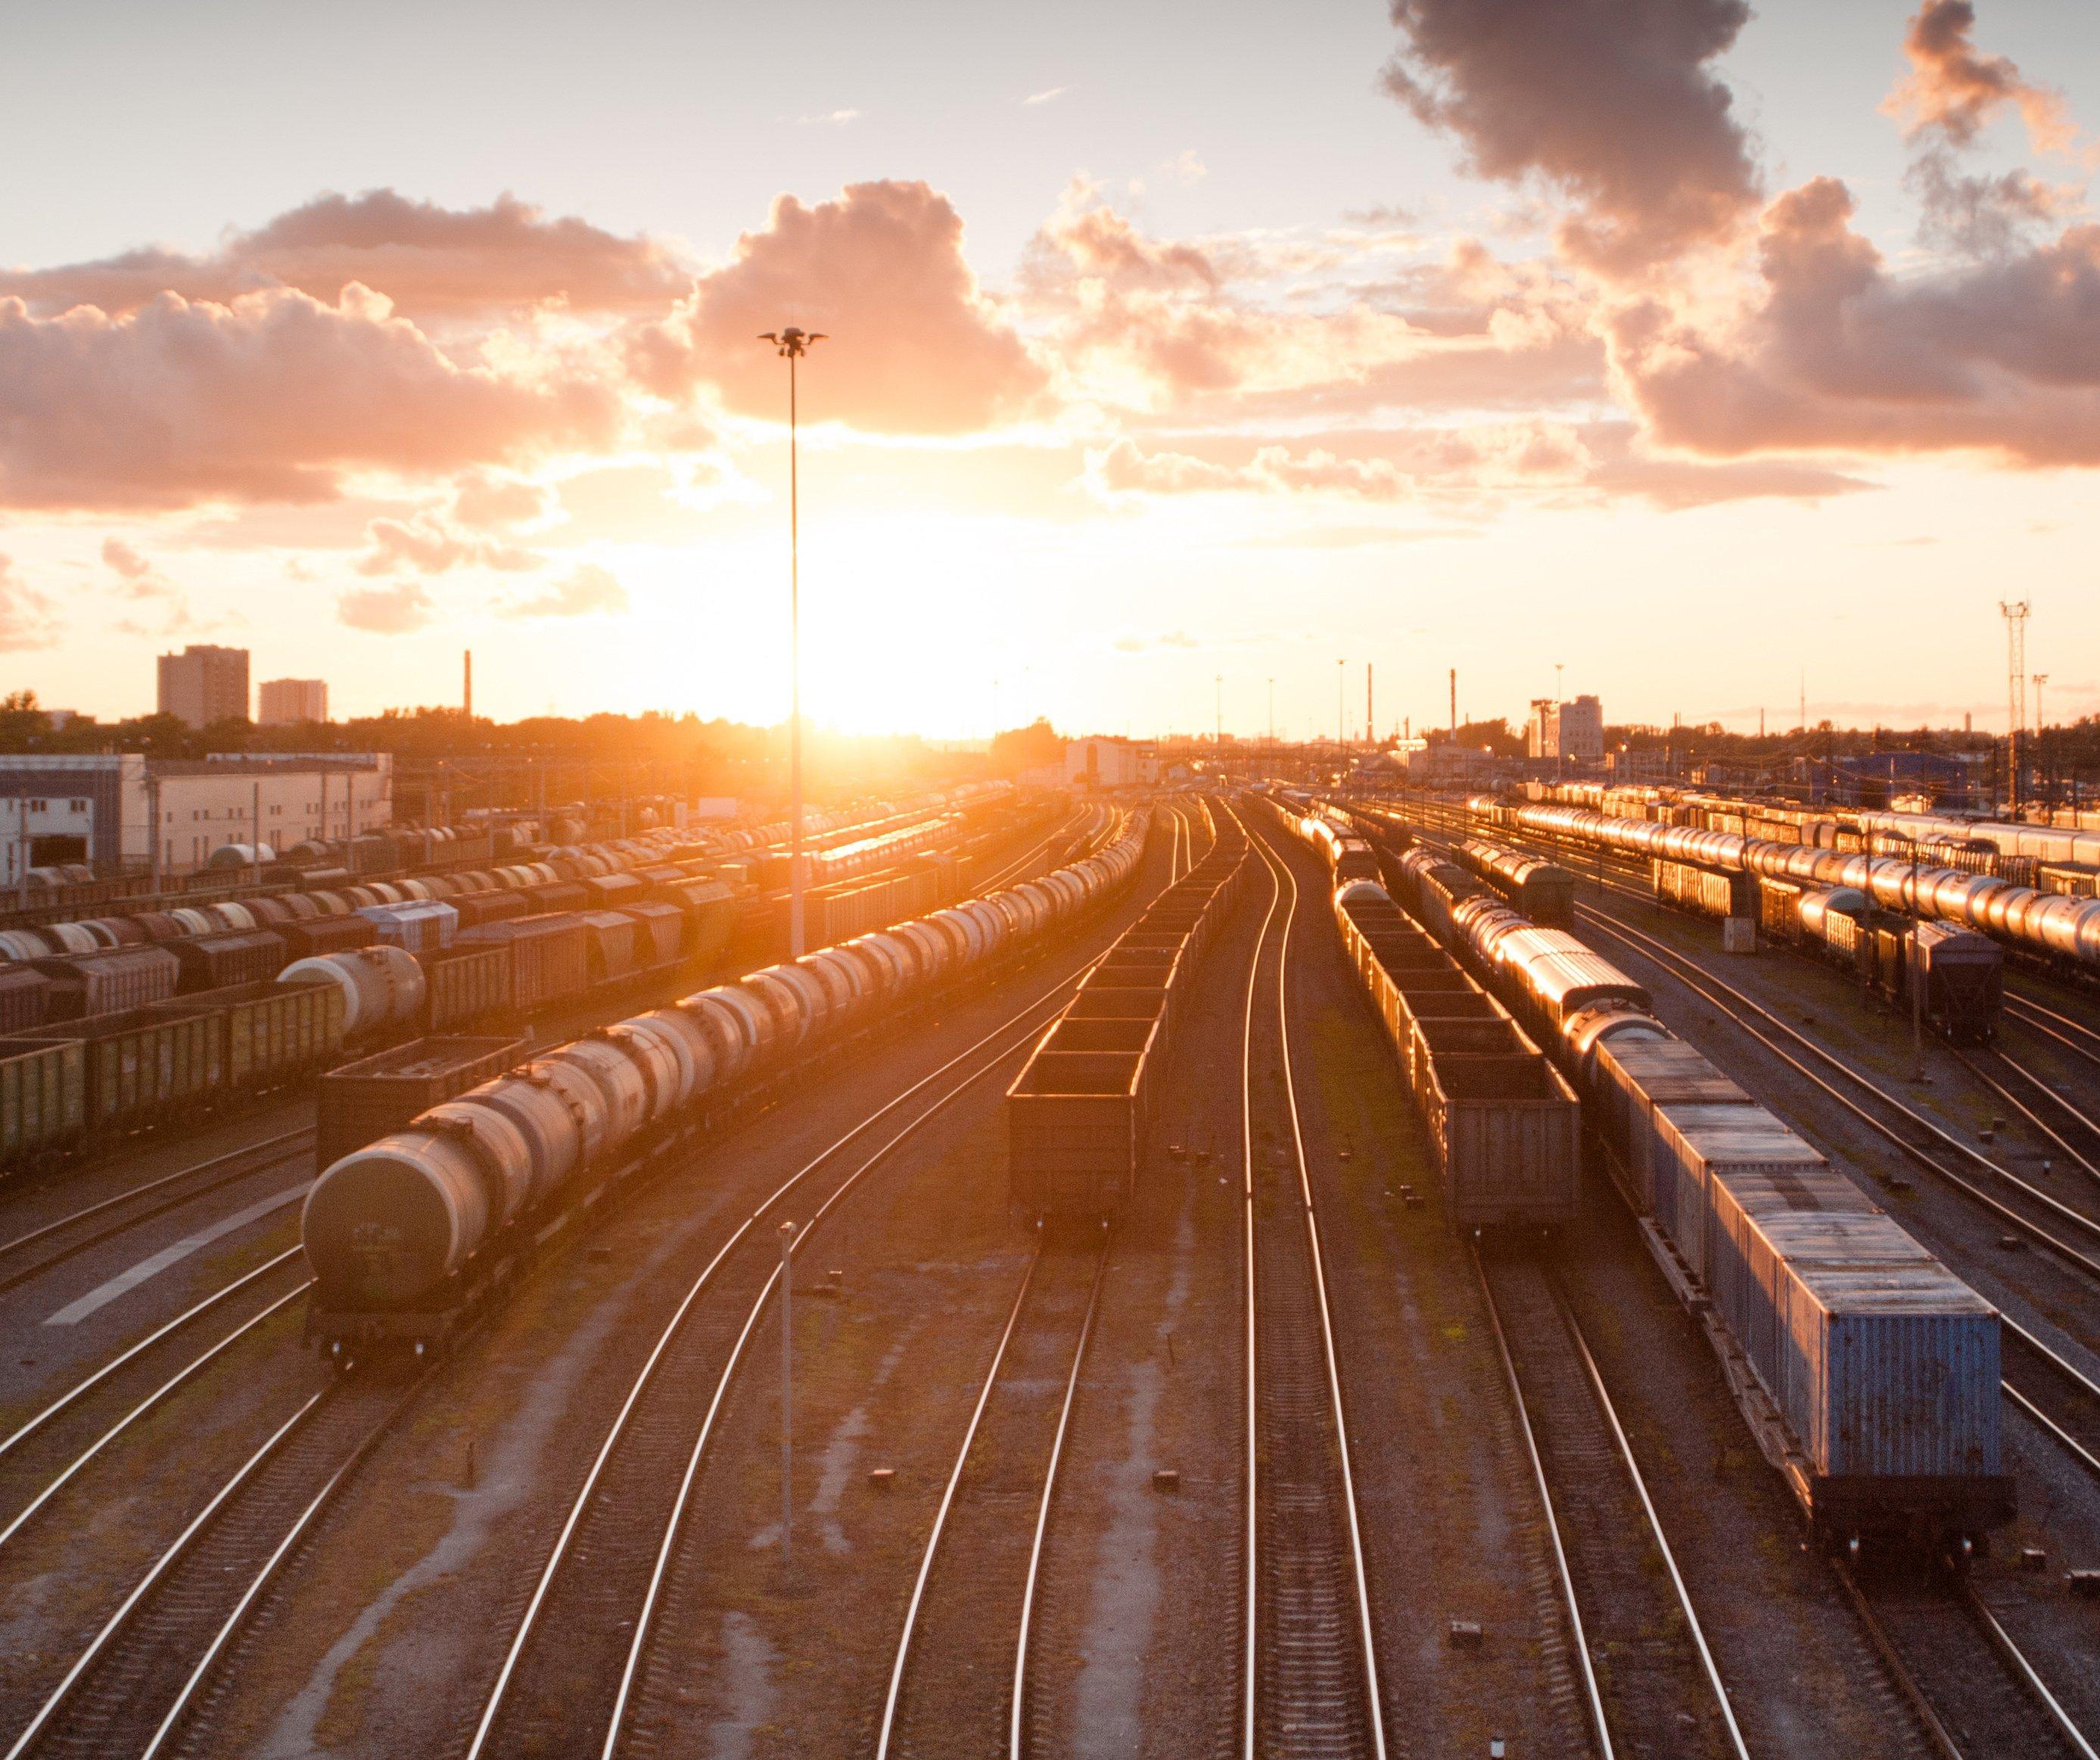 Providing CCTV coverage for railroad storage areas